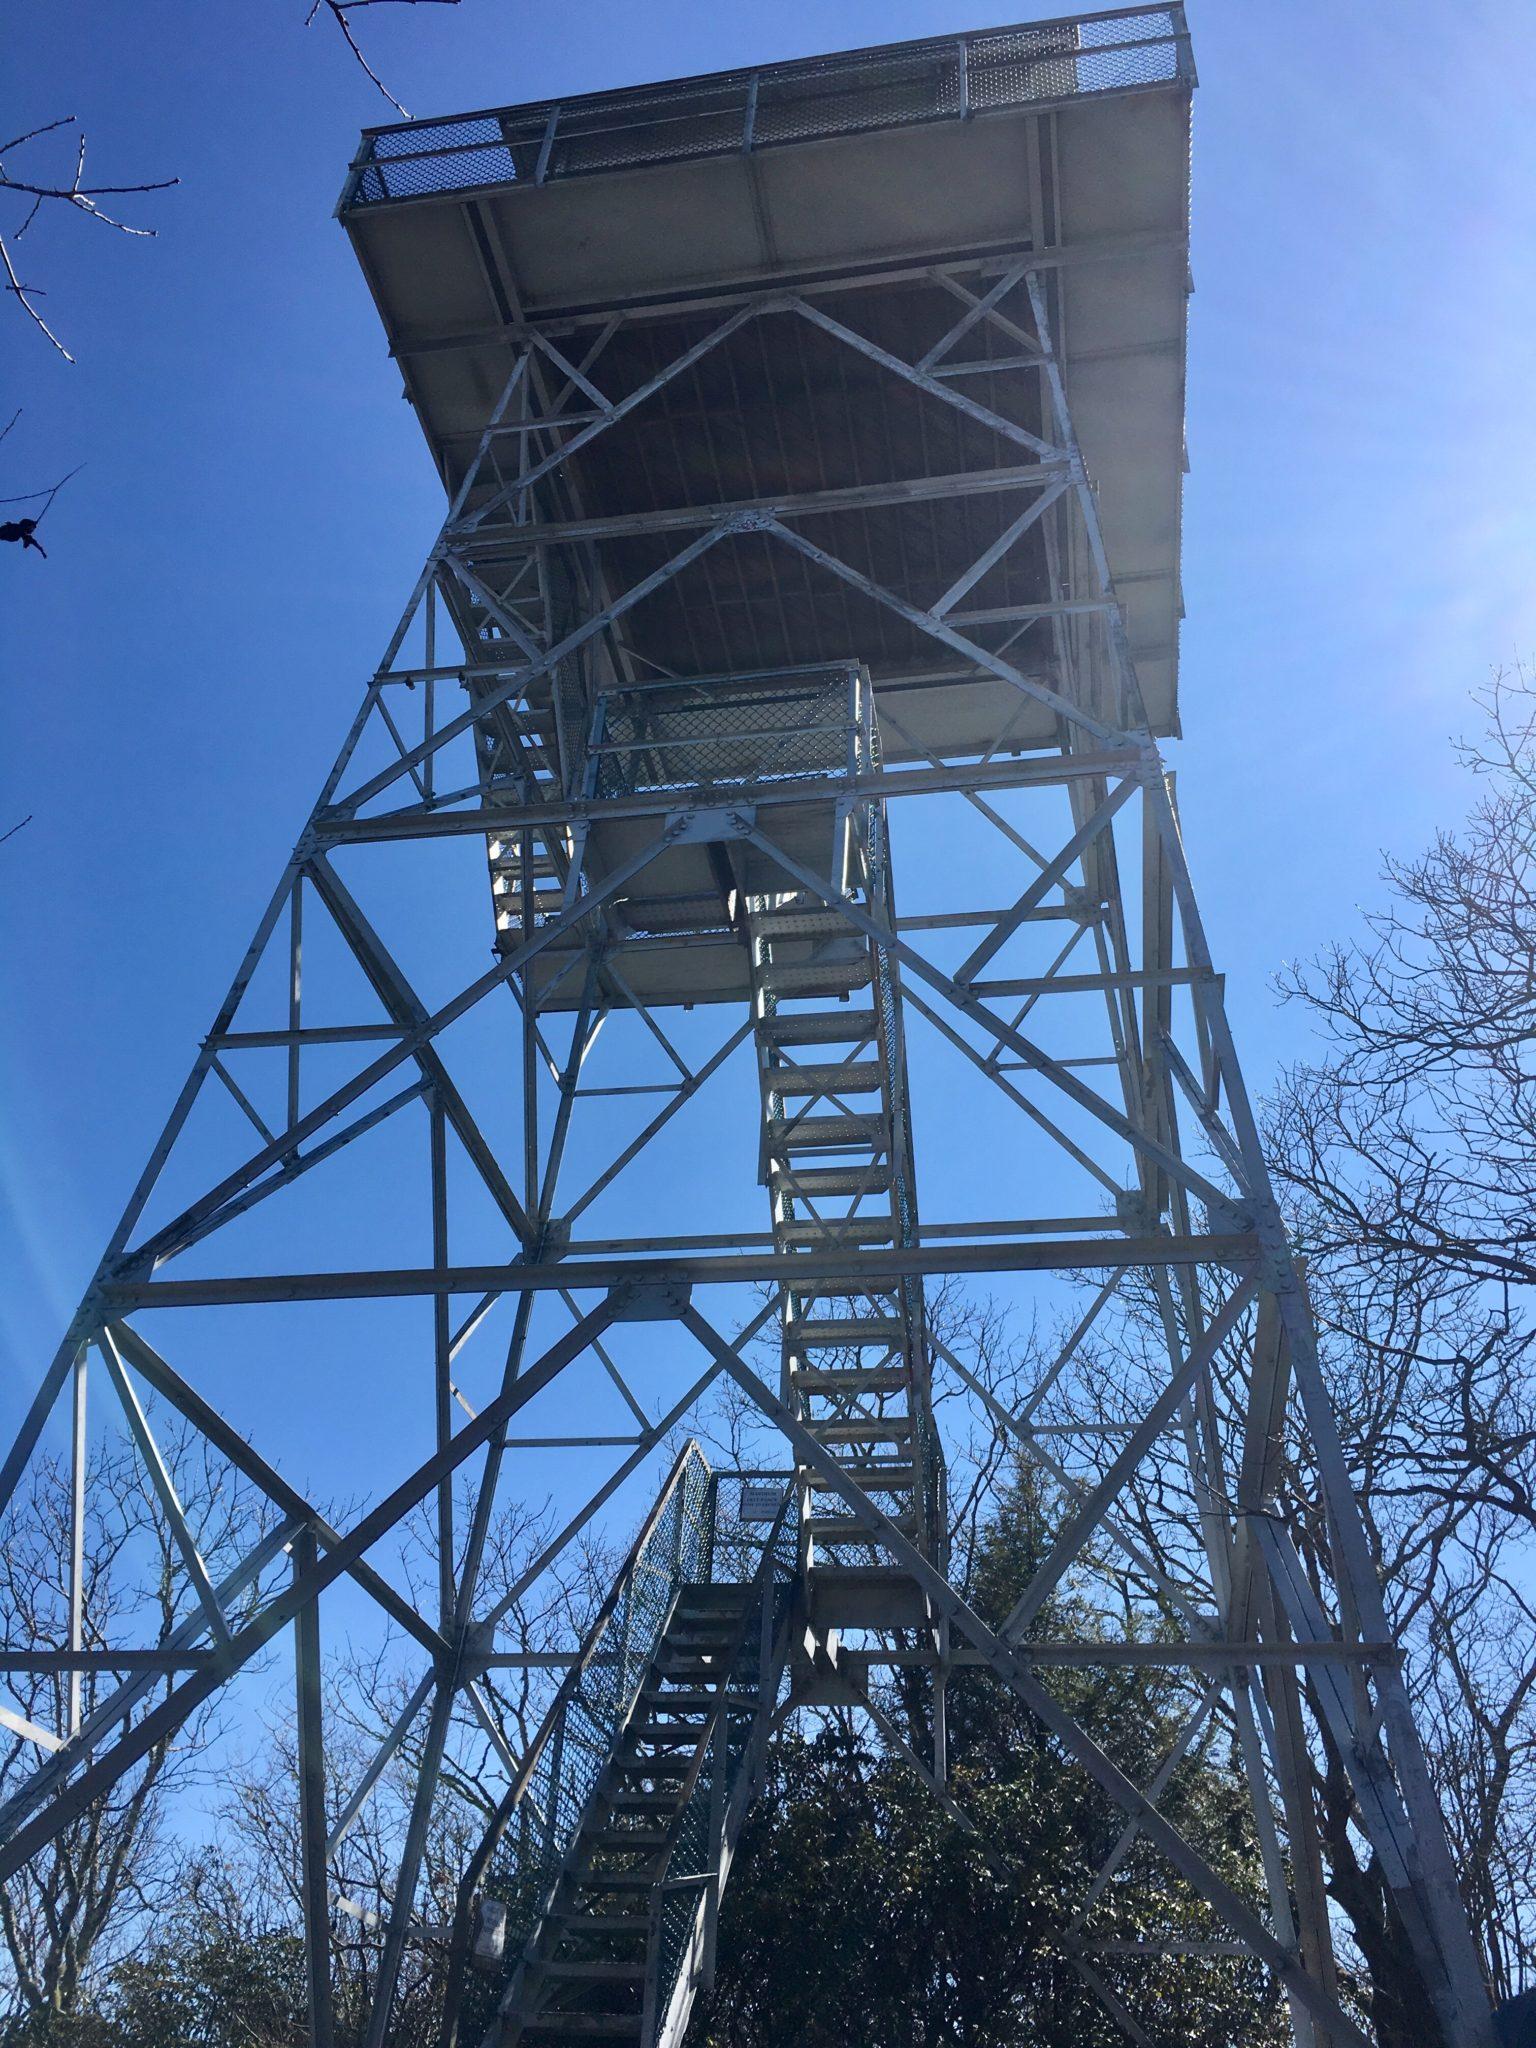 Albert Mountain firetower